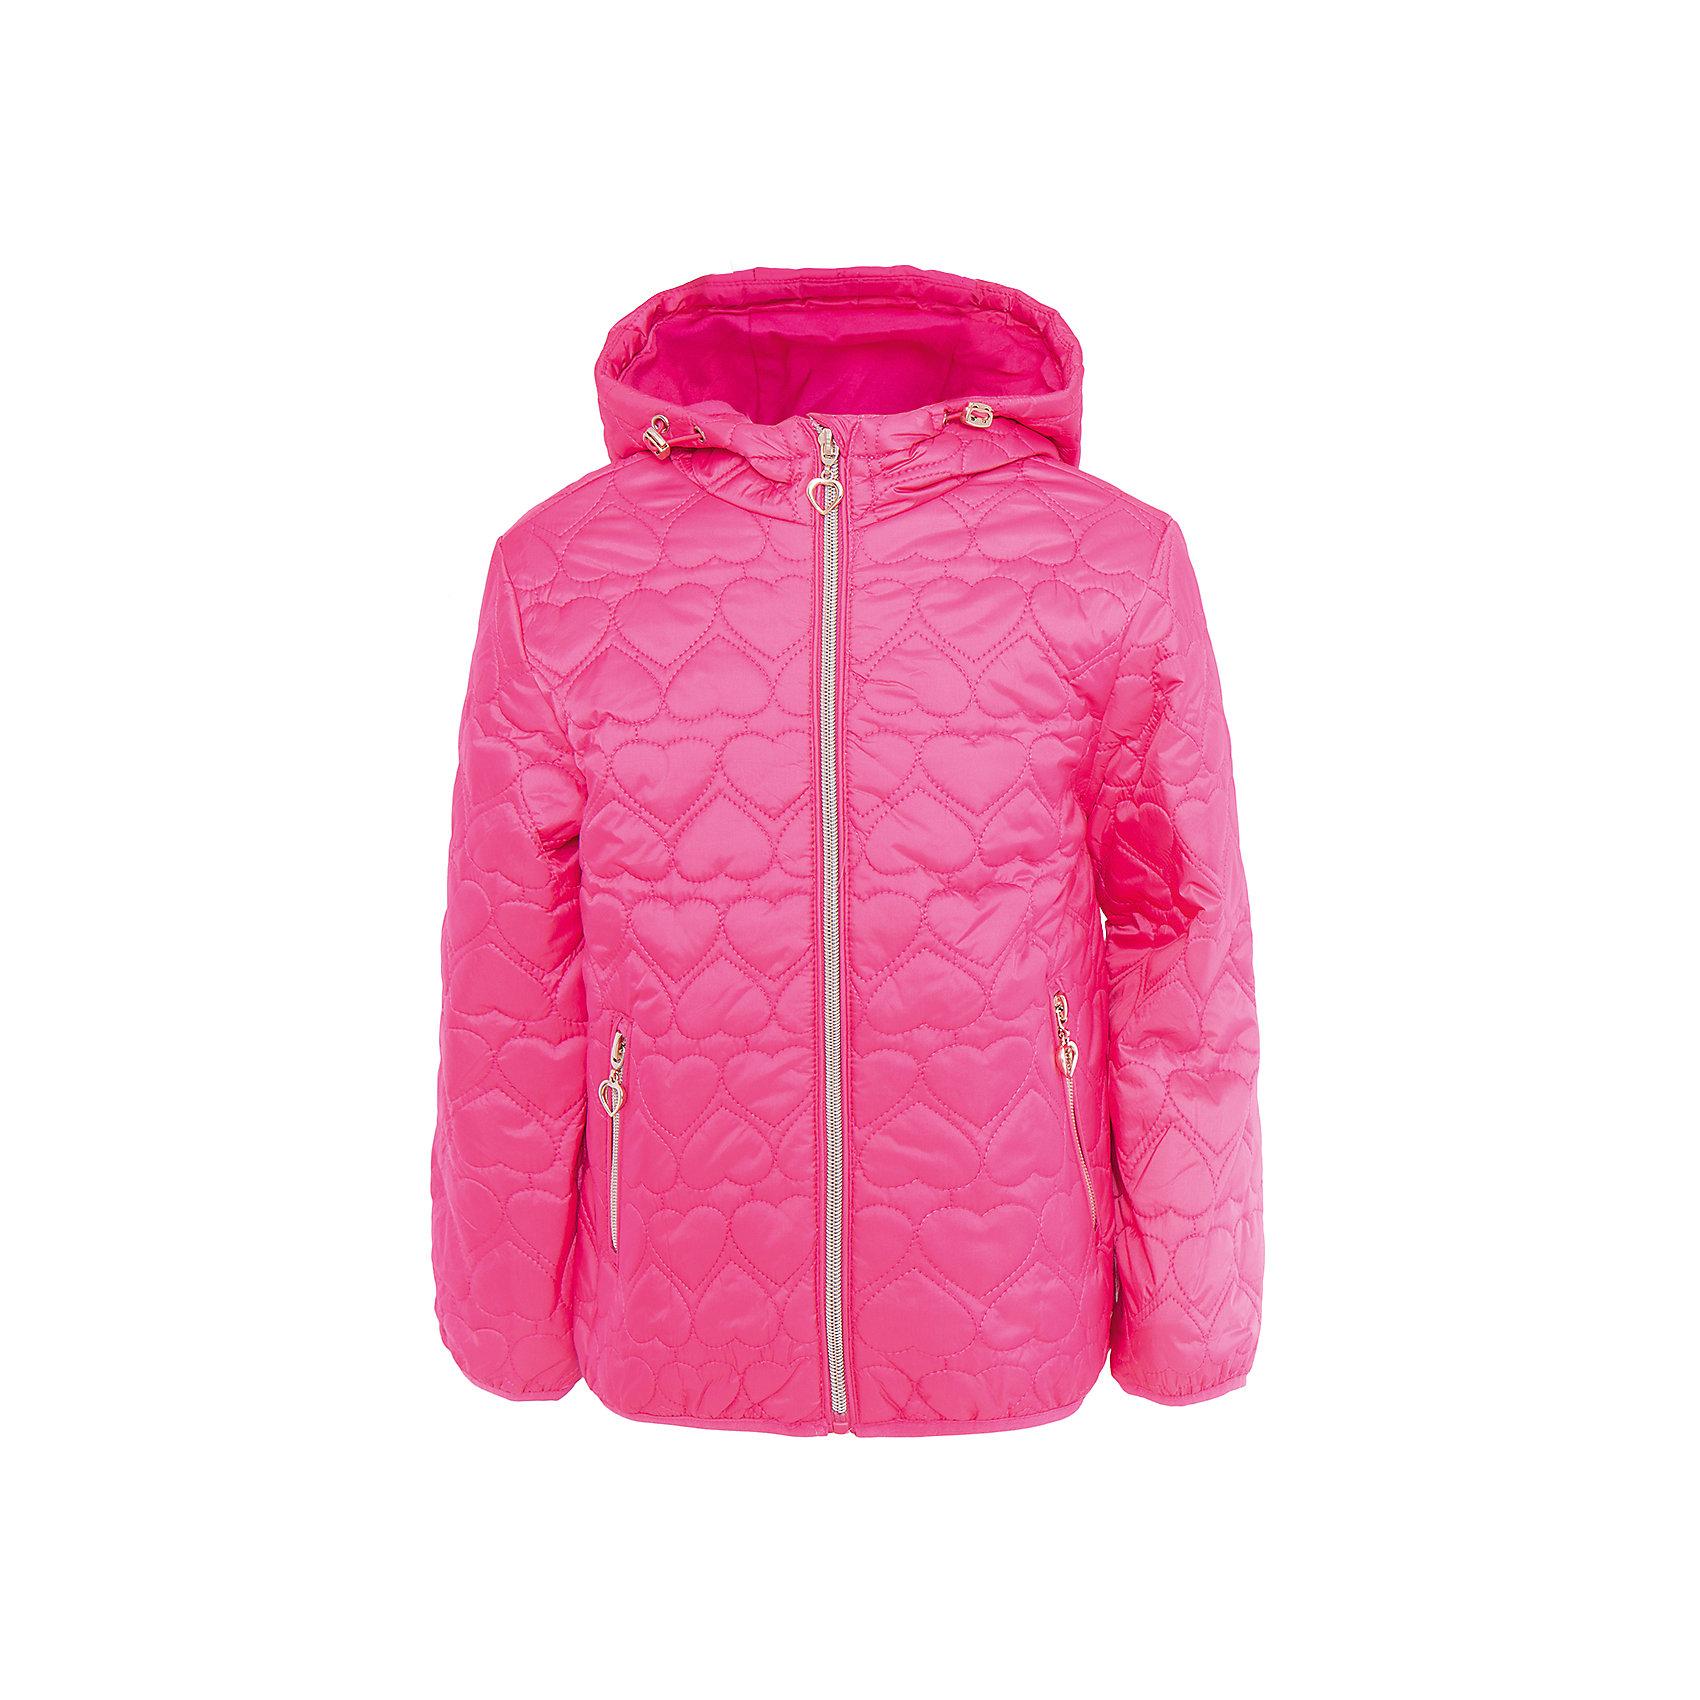 Куртка для девочки SELAХарактеристики товара:<br><br>• цвет: розовый<br>• состав: 100% нейлон; утеплитель: 100% ПЭ; подкладка: 100% хлопок; подкладка рукава: 100% ПЭ<br>• температурный режим: от +5°до +15°С<br>• покрой: полуприлегающий<br>• демисезон<br>• молния<br>• фактурный узор<br>• капюшон не отстёгивается<br>• два прирезных кармана на молнии<br>• коллекция весна-лето 2017<br>• страна бренда: Российская Федерация<br>• страна производитель: Китай<br><br>Вещи из новой коллекции SELA продолжают радовать удобством! Легкая куртка для девочки поможет разнообразить гардероб ребенка и обеспечить комфорт. Она отлично сочетается с юбками и брюками. Очень стильно смотрится!<br><br>Одежда, обувь и аксессуары от российского бренда SELA не зря пользуются большой популярностью у детей и взрослых! Модели этой марки - стильные и удобные, цена при этом неизменно остается доступной. Для их производства используются только безопасные, качественные материалы и фурнитура. Новая коллекция поддерживает хорошие традиции бренда! <br><br>Куртку для девочки от популярного бренда SELA (СЕЛА) можно купить в нашем интернет-магазине.<br><br>Ширина мм: 356<br>Глубина мм: 10<br>Высота мм: 245<br>Вес г: 519<br>Цвет: розовый<br>Возраст от месяцев: 60<br>Возраст до месяцев: 72<br>Пол: Женский<br>Возраст: Детский<br>Размер: 116,98,104,110<br>SKU: 5305158